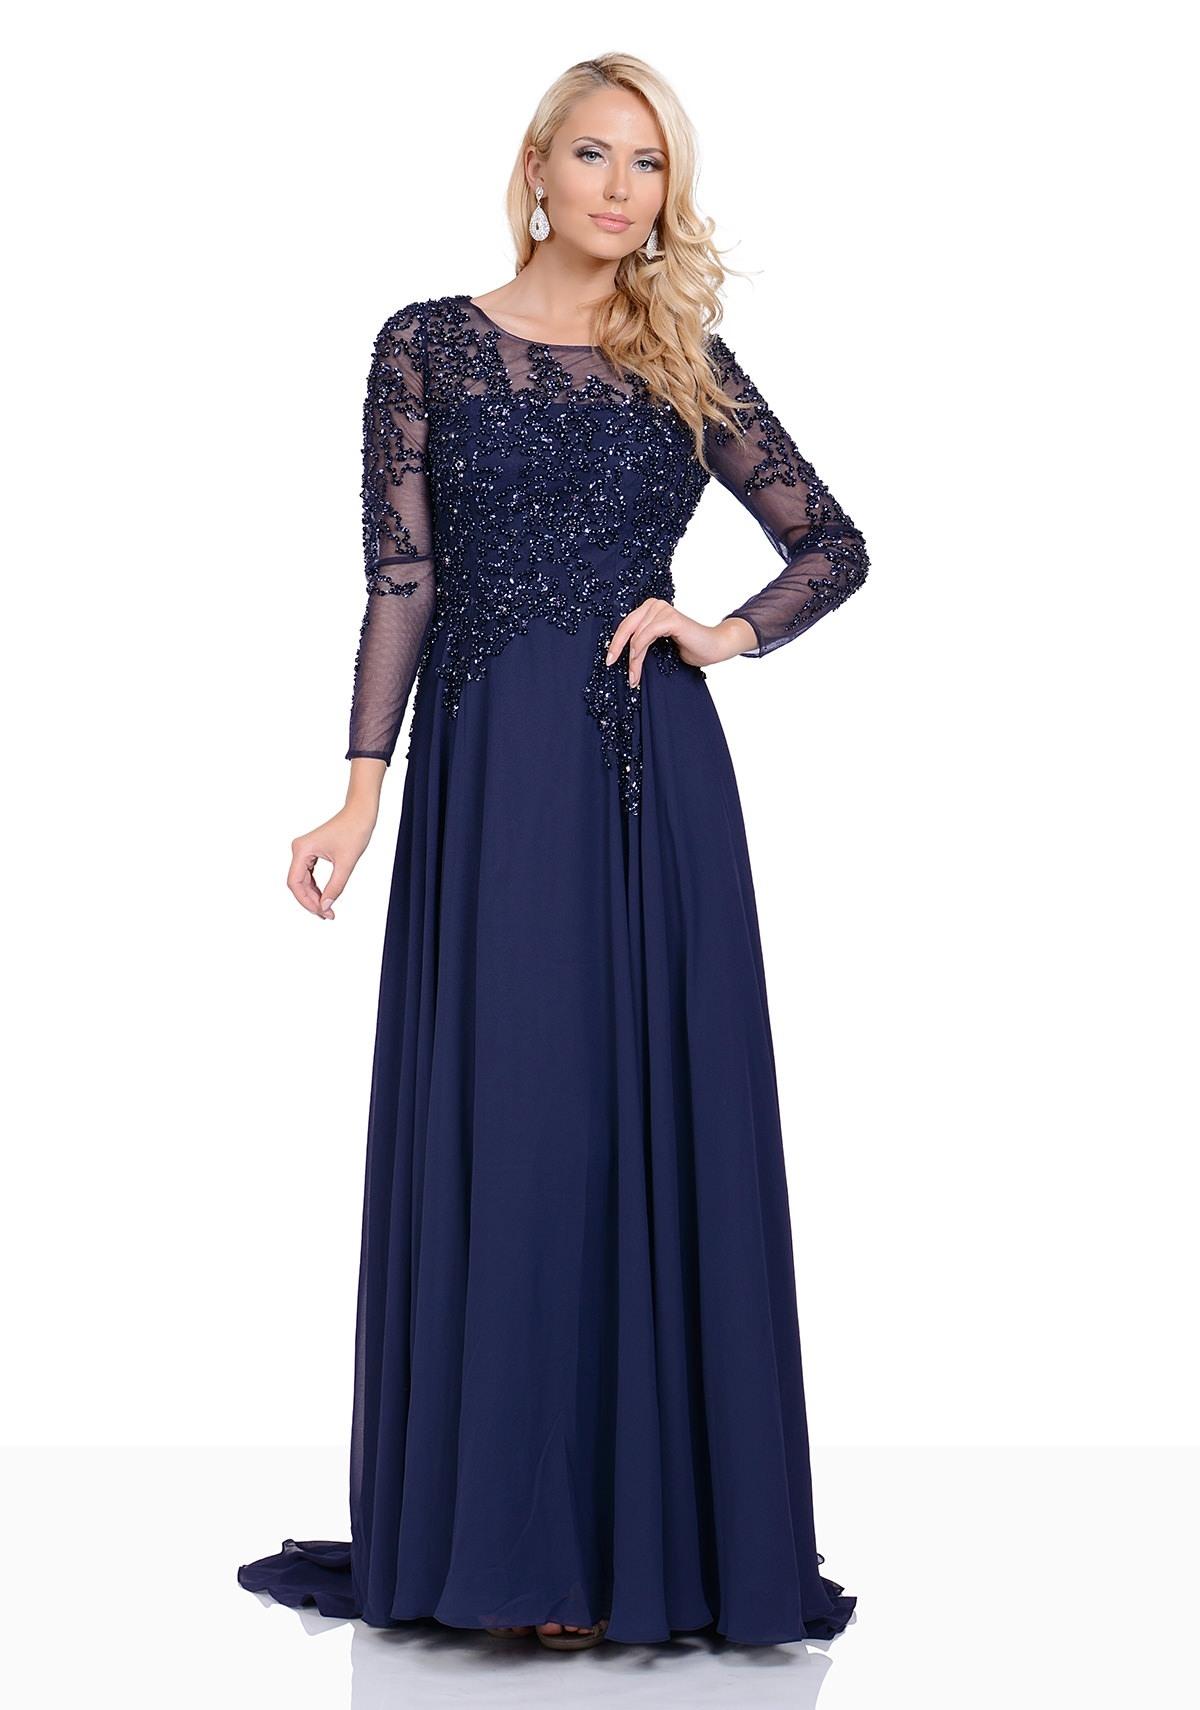 13 Top Abendkleid Dunkelblau Lang Ärmel13 Einzigartig Abendkleid Dunkelblau Lang Bester Preis